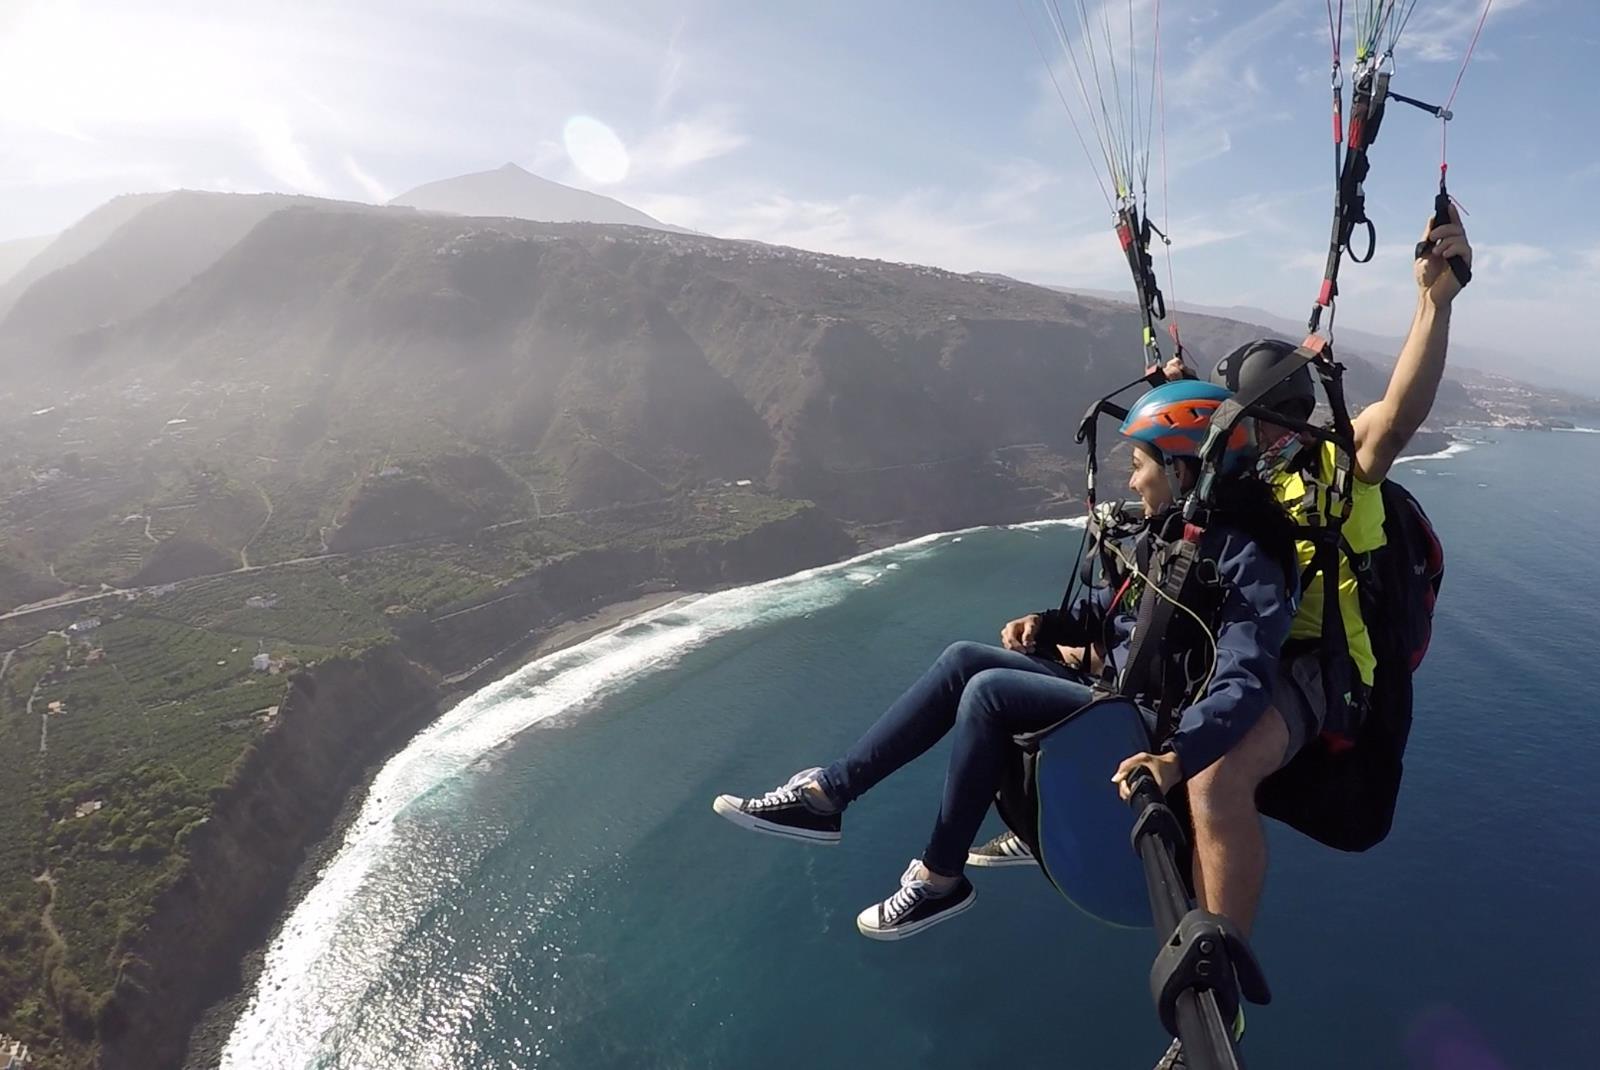 Paragliding-Tandem-Flight-in-Adeje-2